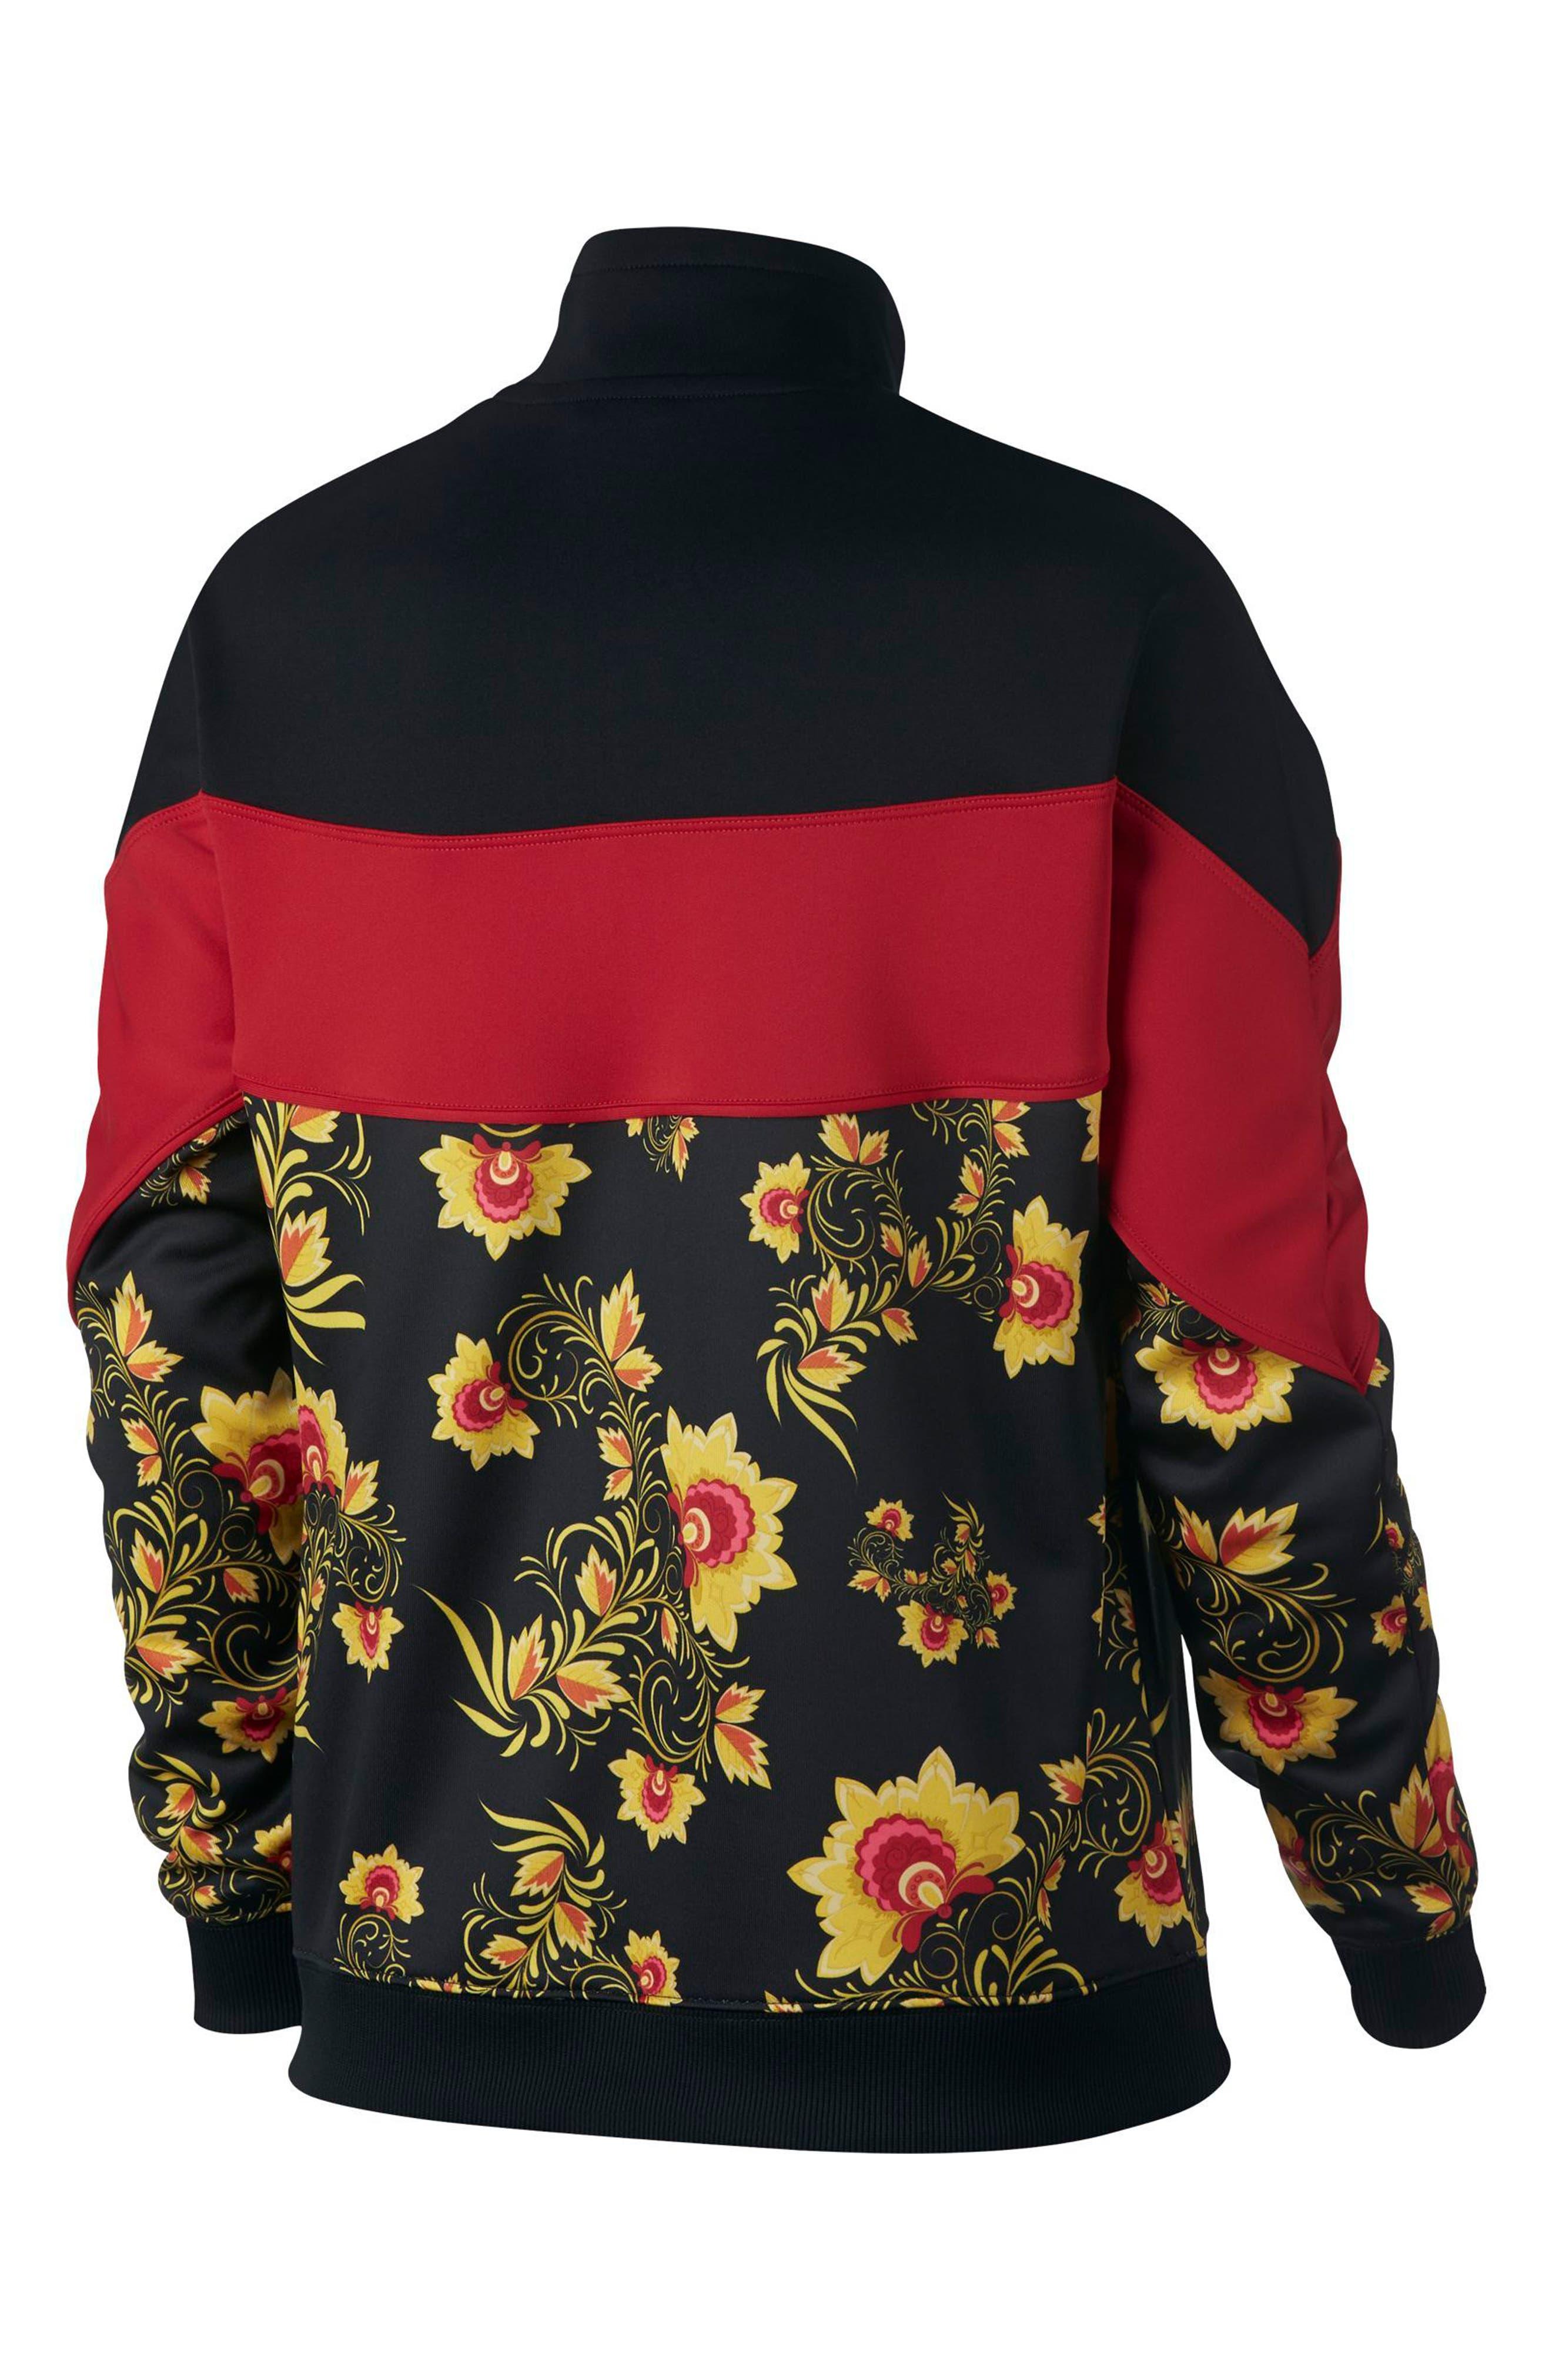 NIKE,                             Sportswear Women's Half Zip Jacket,                             Alternate thumbnail 2, color,                             010